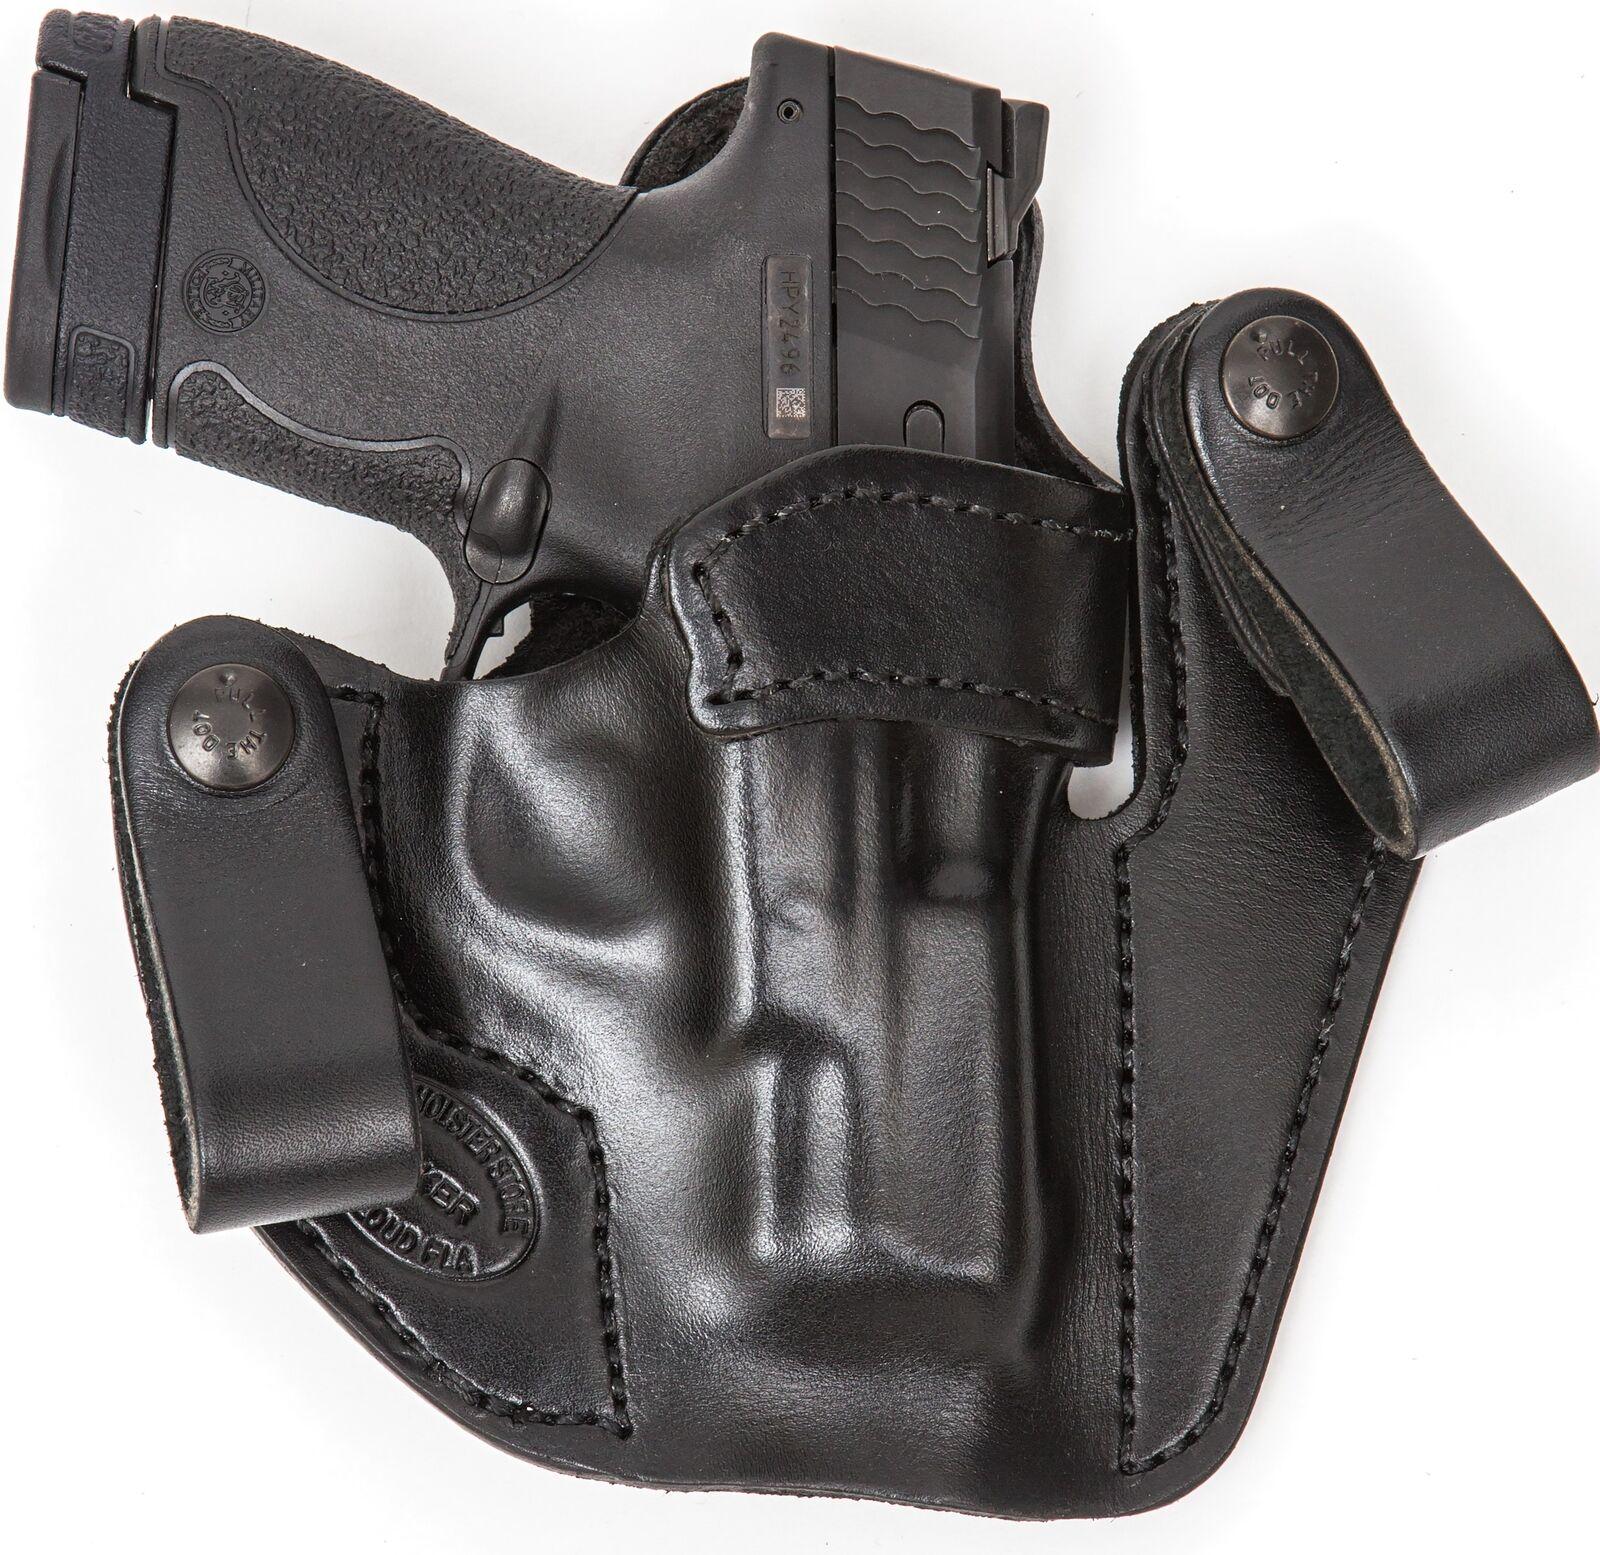 XTREME llevar RH LH dentro de la cintura de cuero Funda Pistola para BOBERG XR9-L